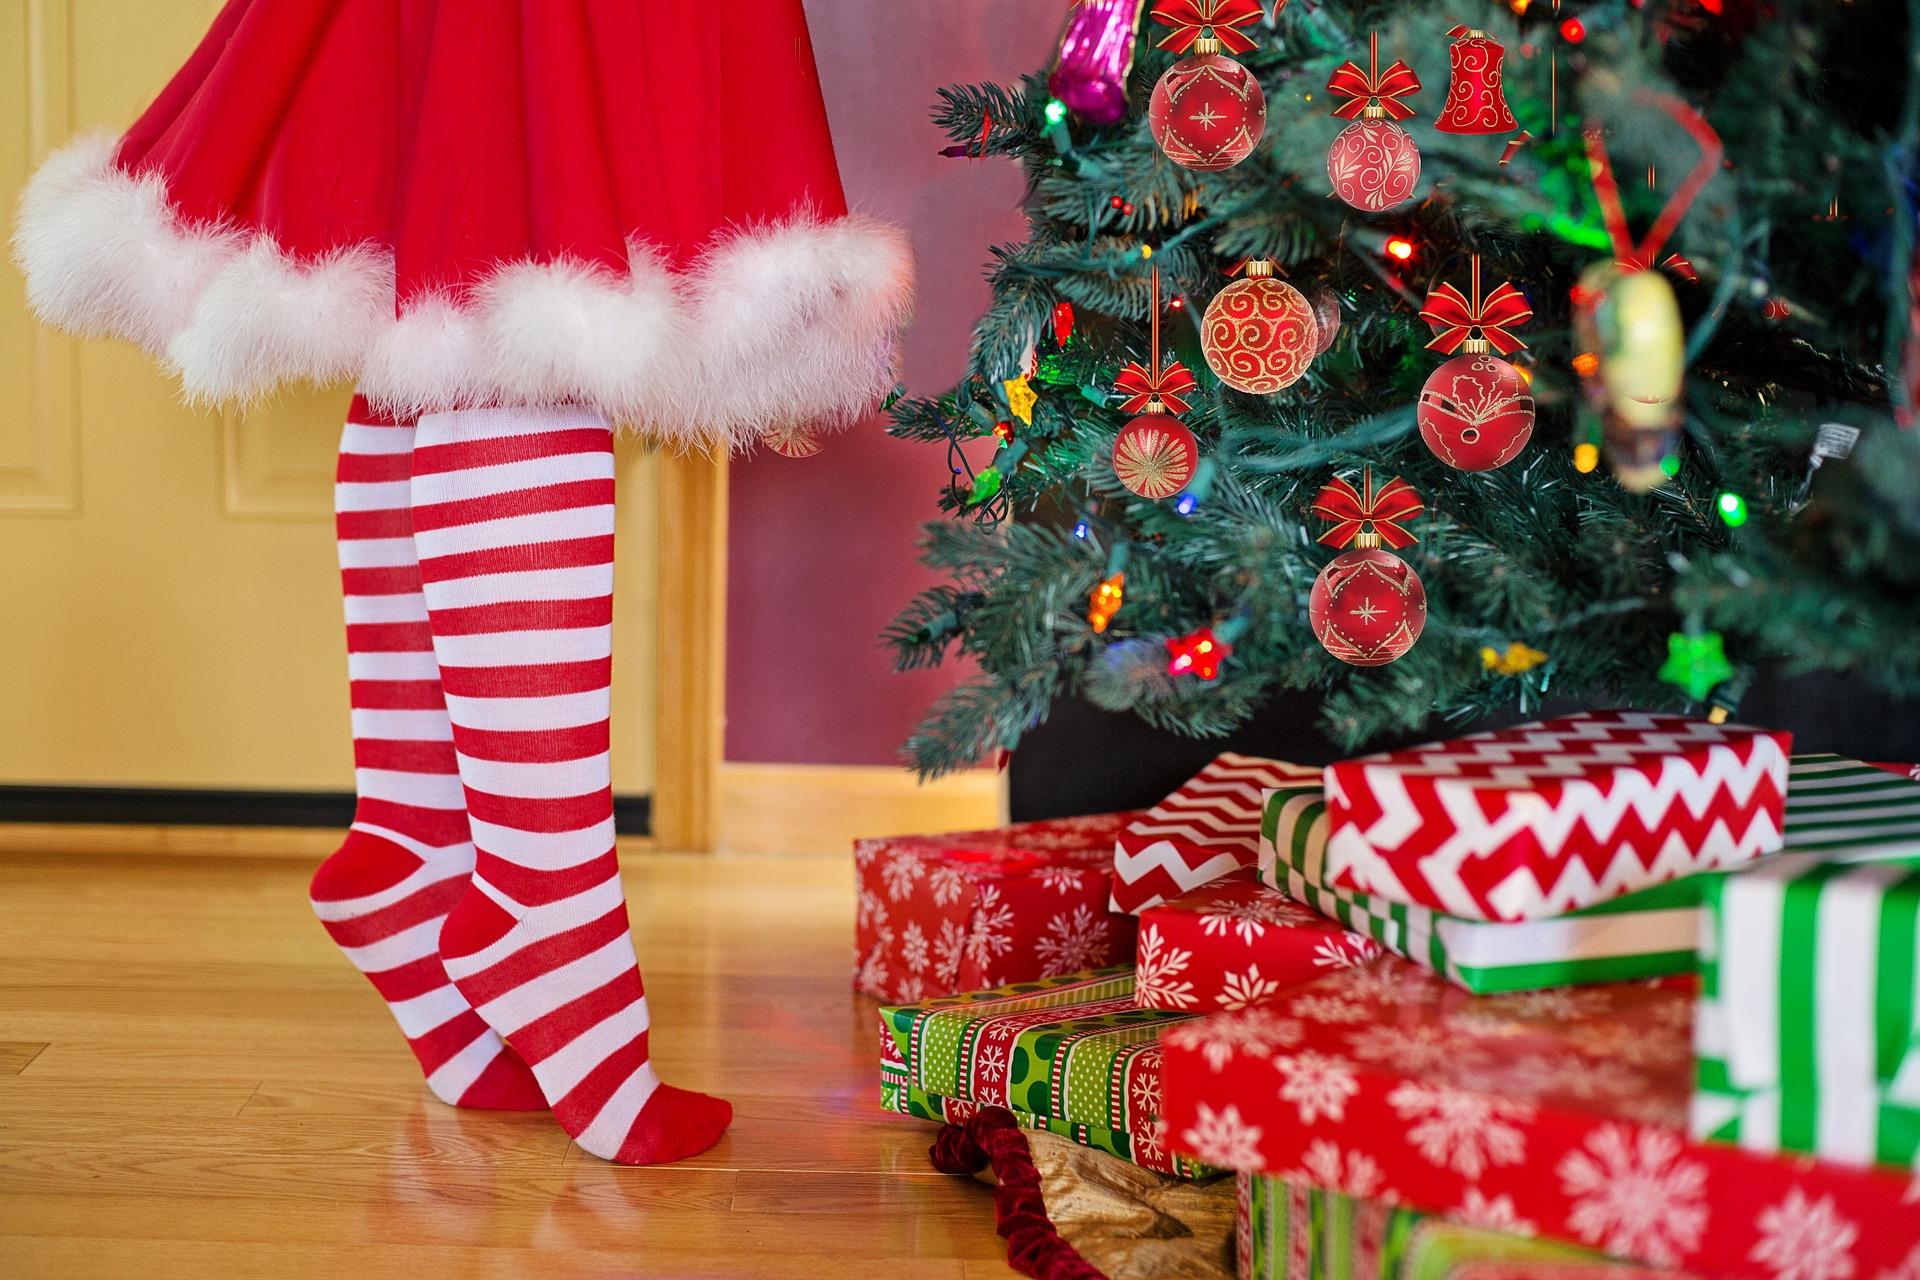 Gaver ved juletræ